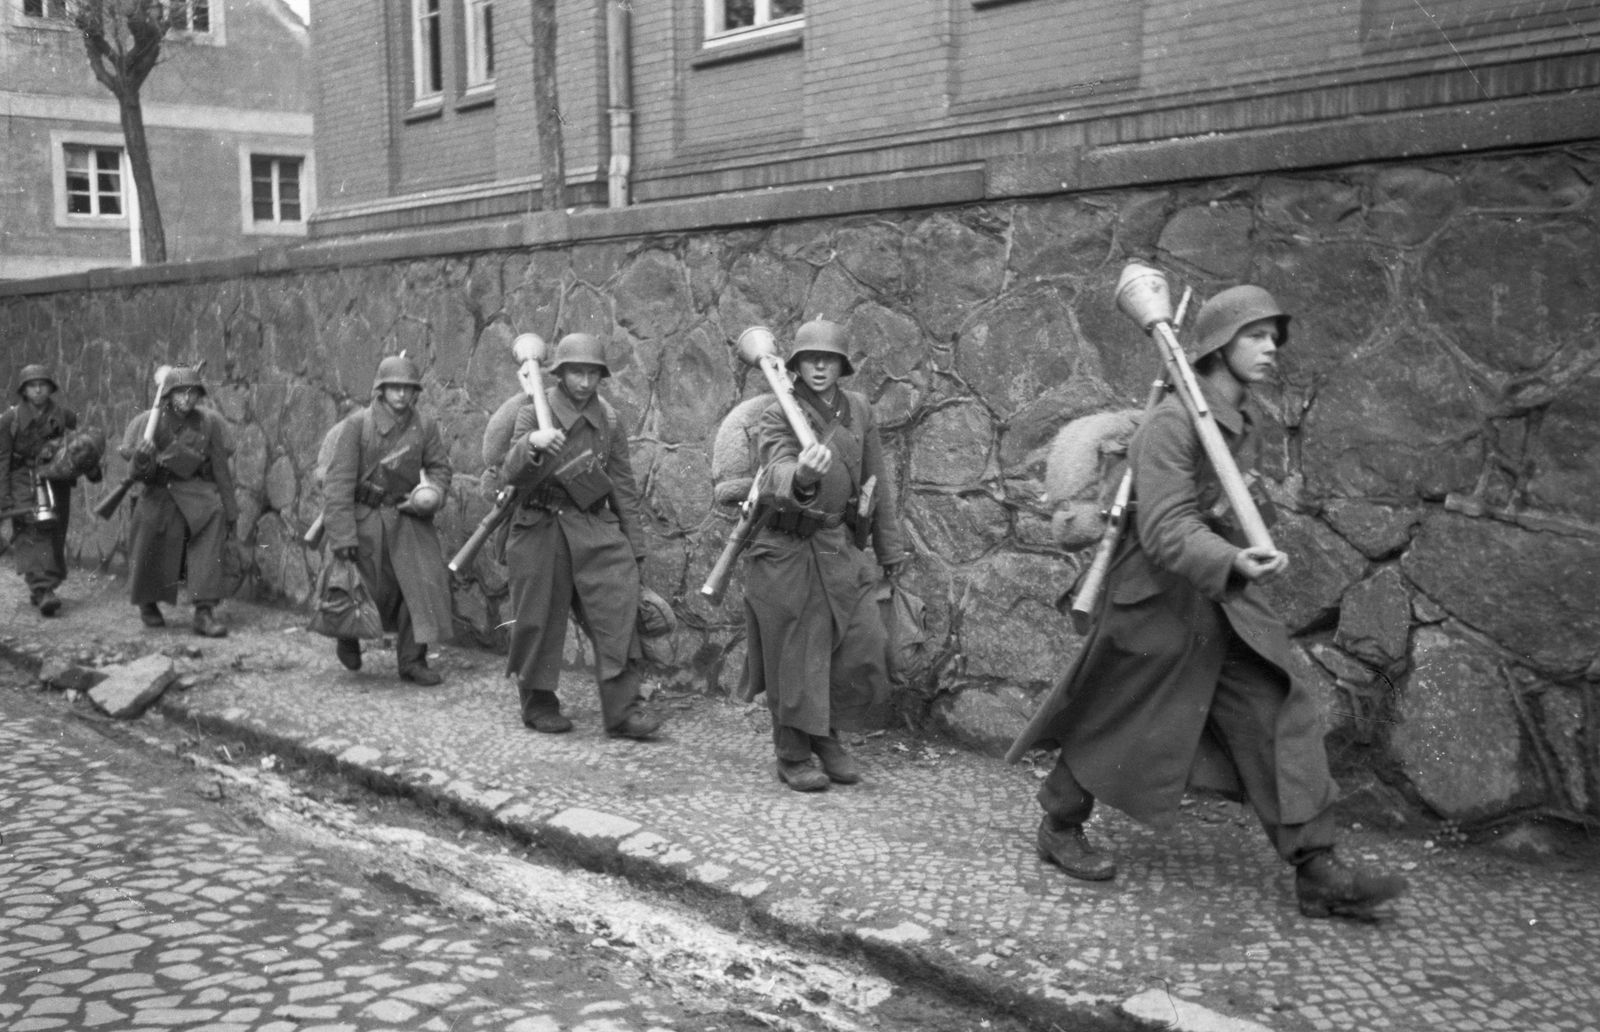 Hitlerjungen in der Wehrmacht - mit Panzerfaust und Karabiner